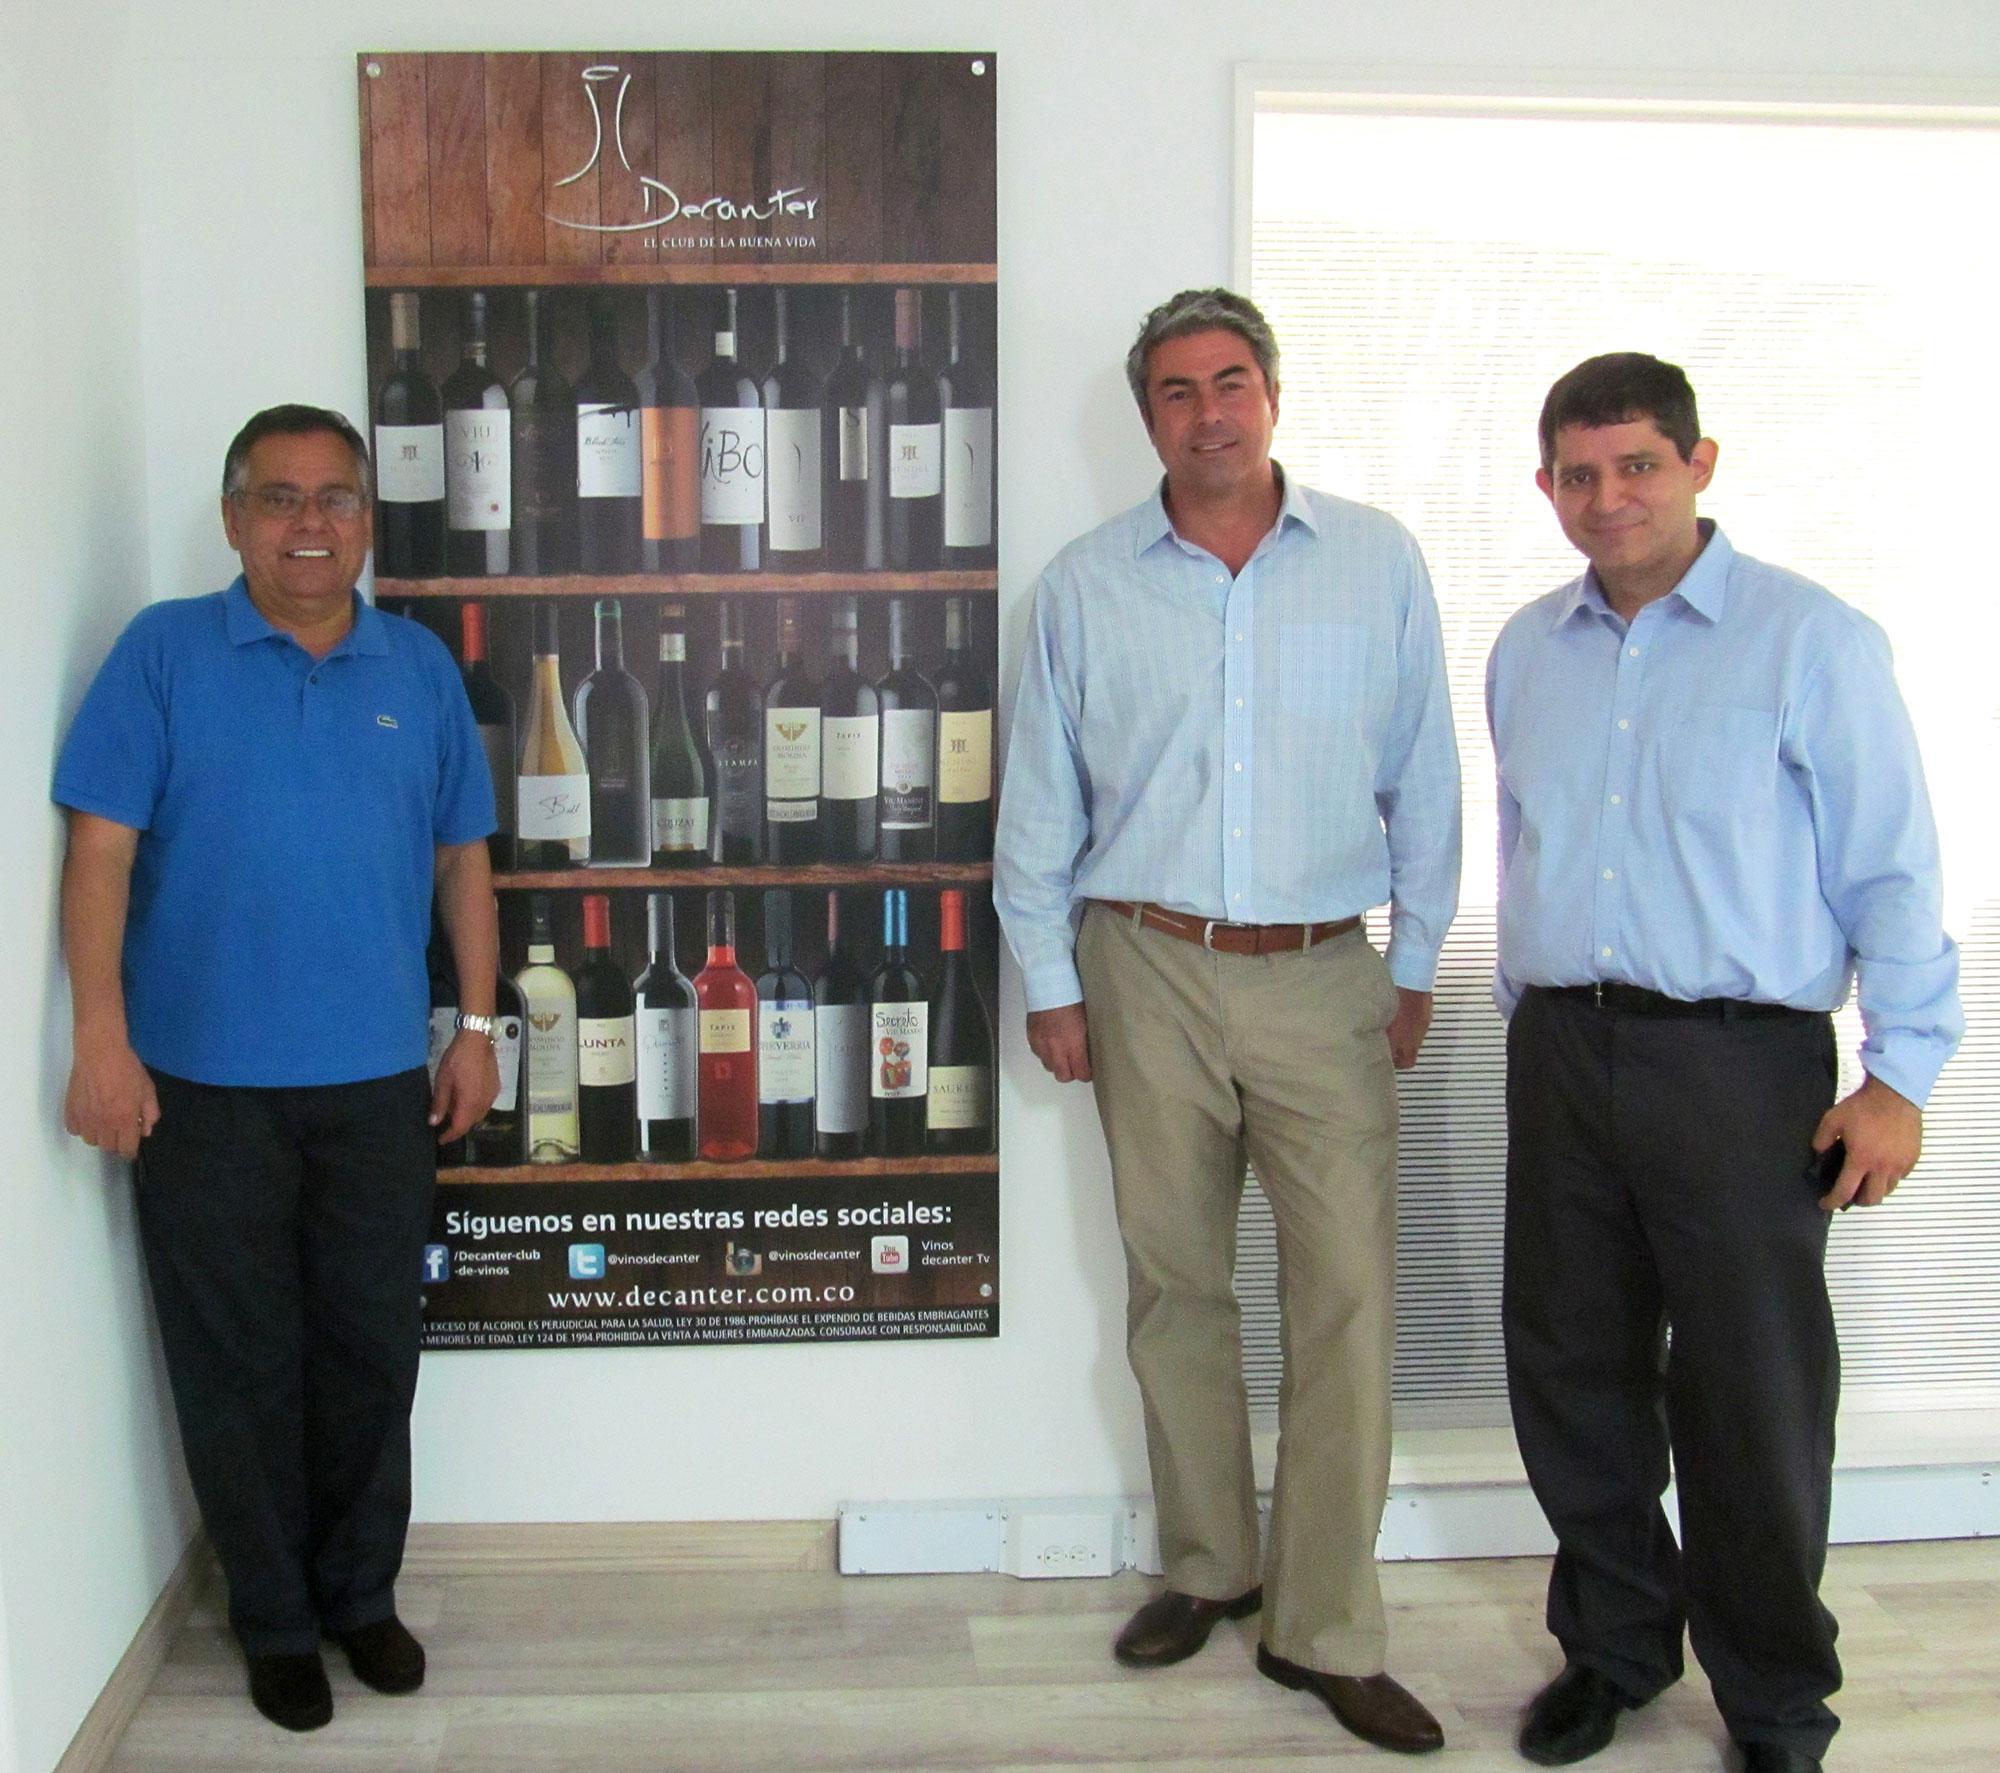 Juan Carlos Novoa, gerente del Club de vinos Decanter, José Miguel Viu y Mauricio Elías de Viu Manent.